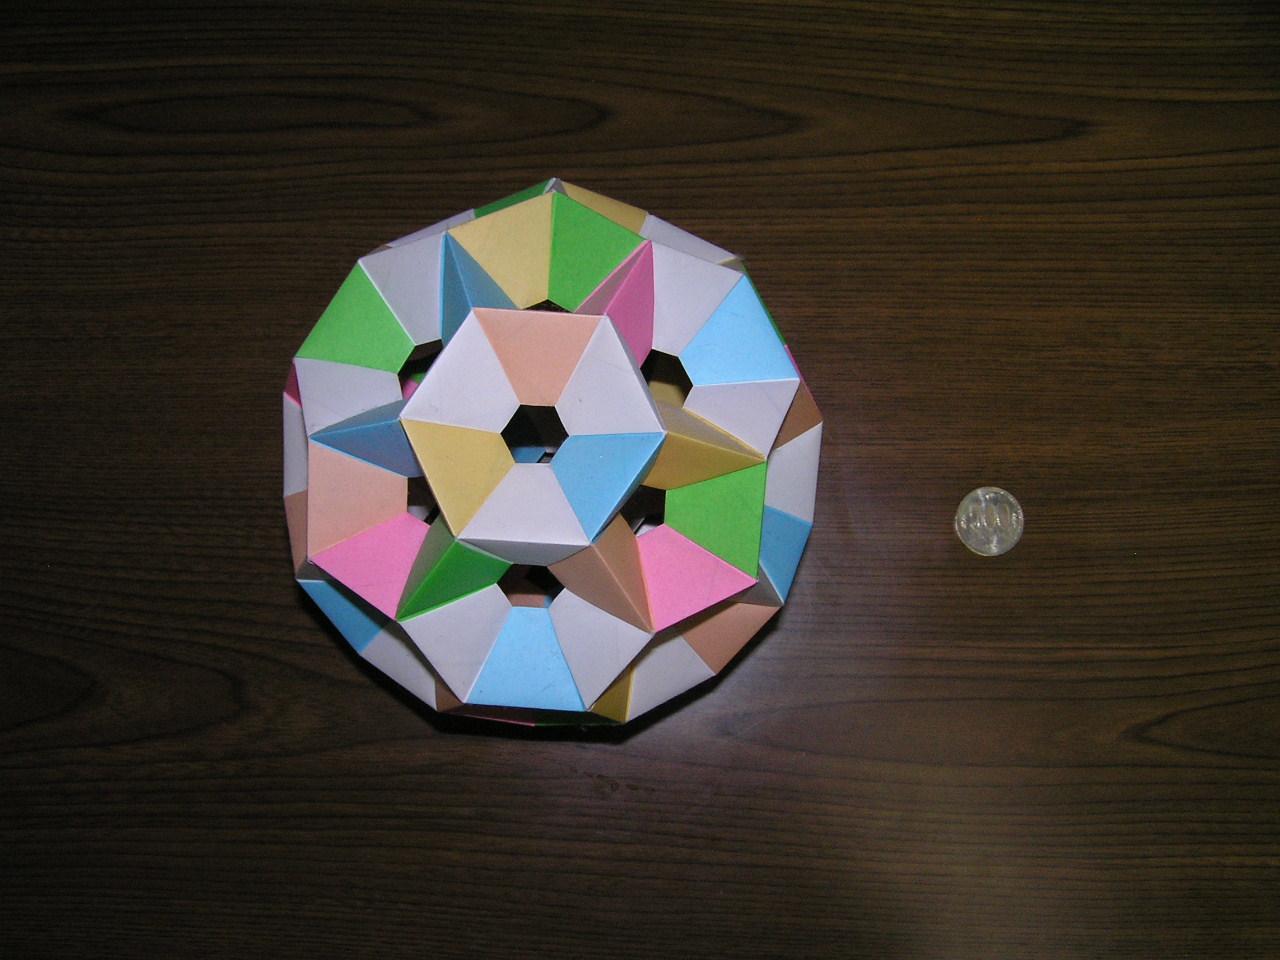 前へ 次へ 出典  【多面体】画像で見るユニット折り紙の世界【くす玉】